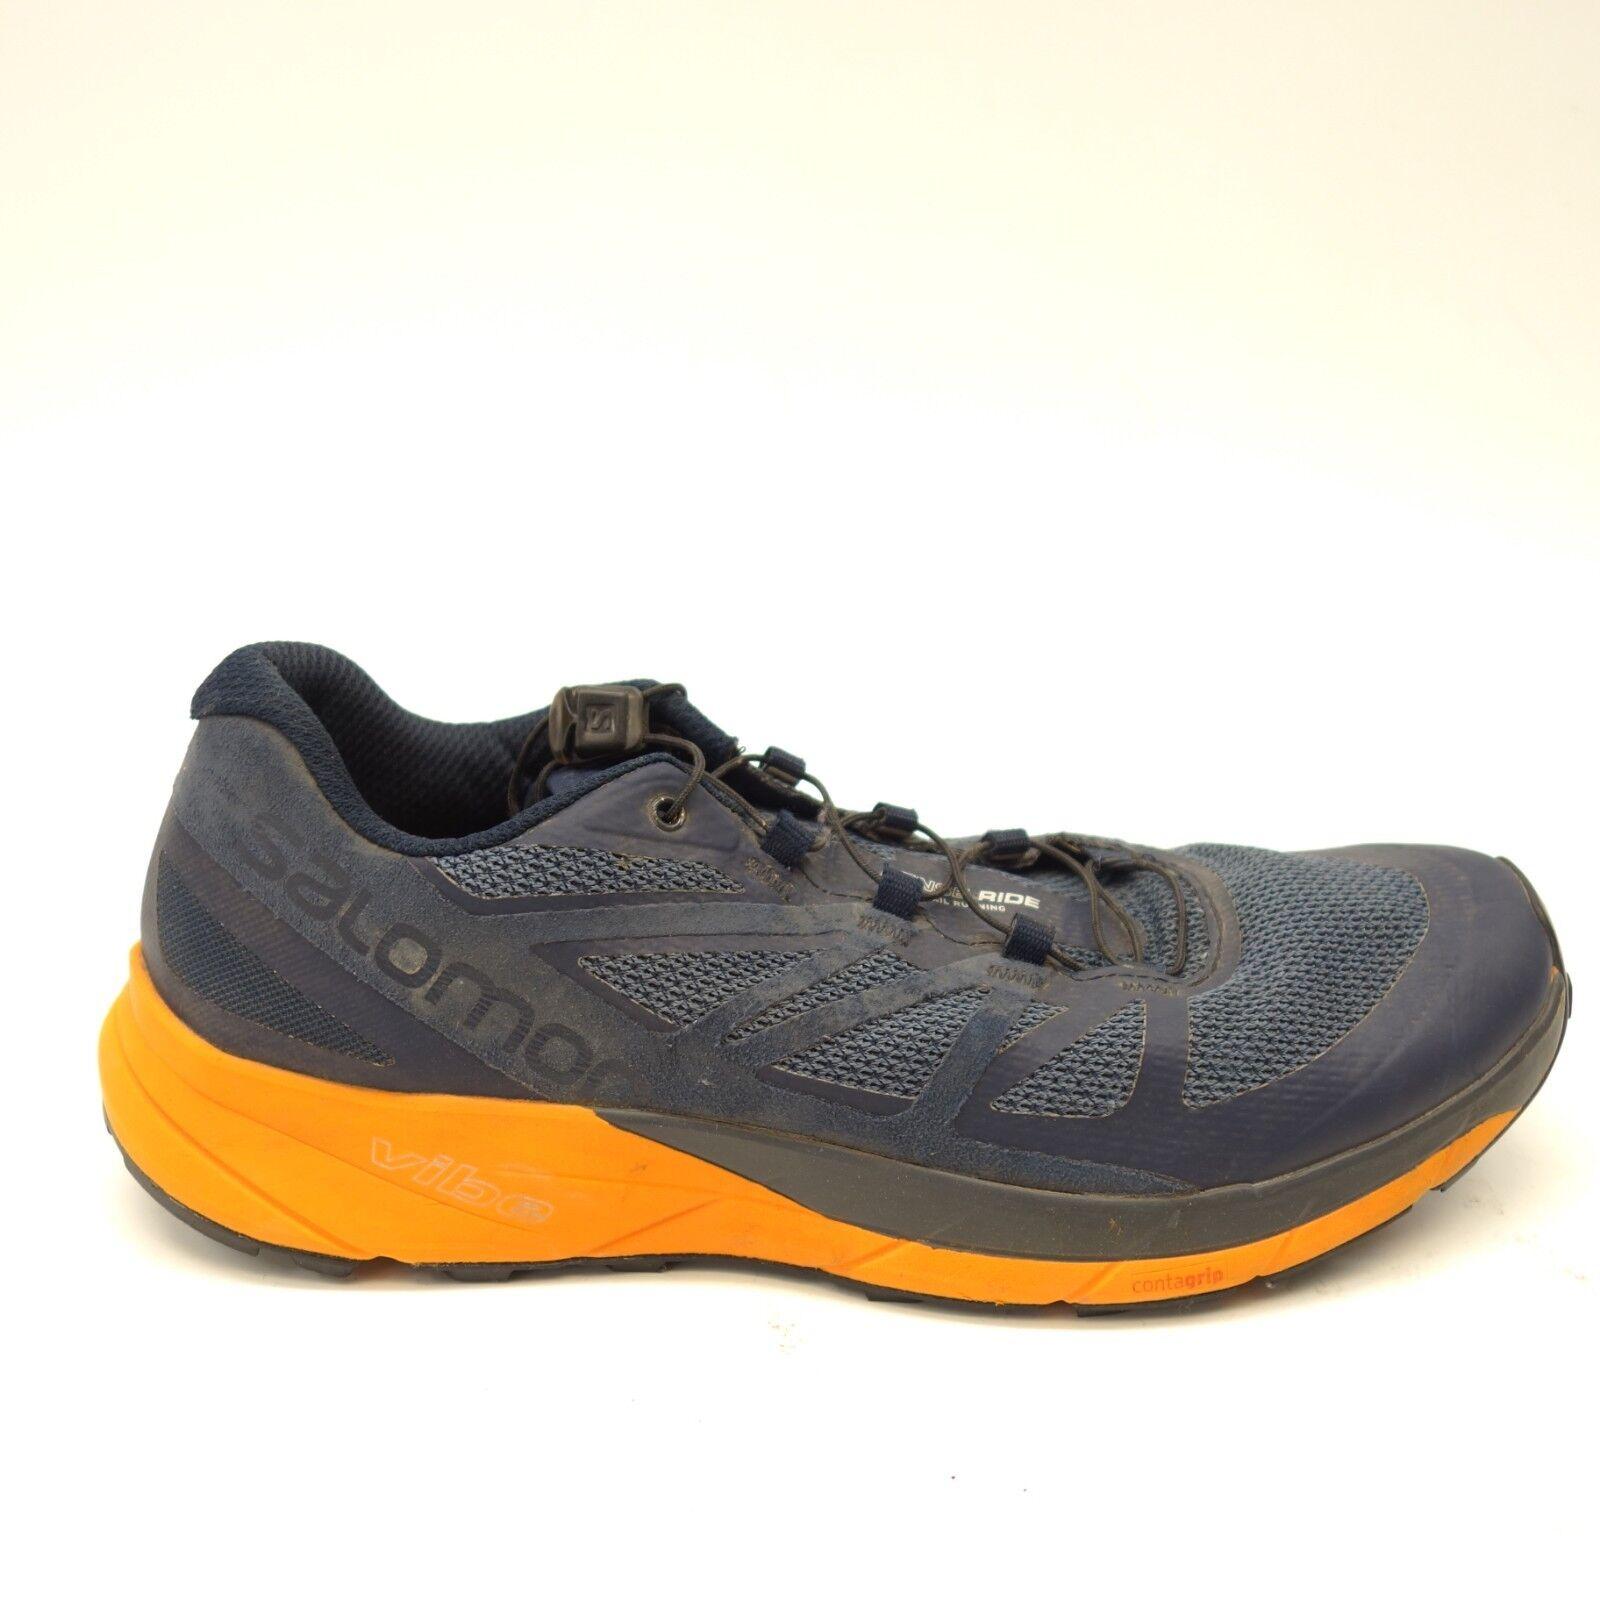 new product fd350 fdf22 Salomon Hommes Sense Sense Sense Ride Bleu Athlétique Randonnée Montagne  Chaussures Course 1eef8e